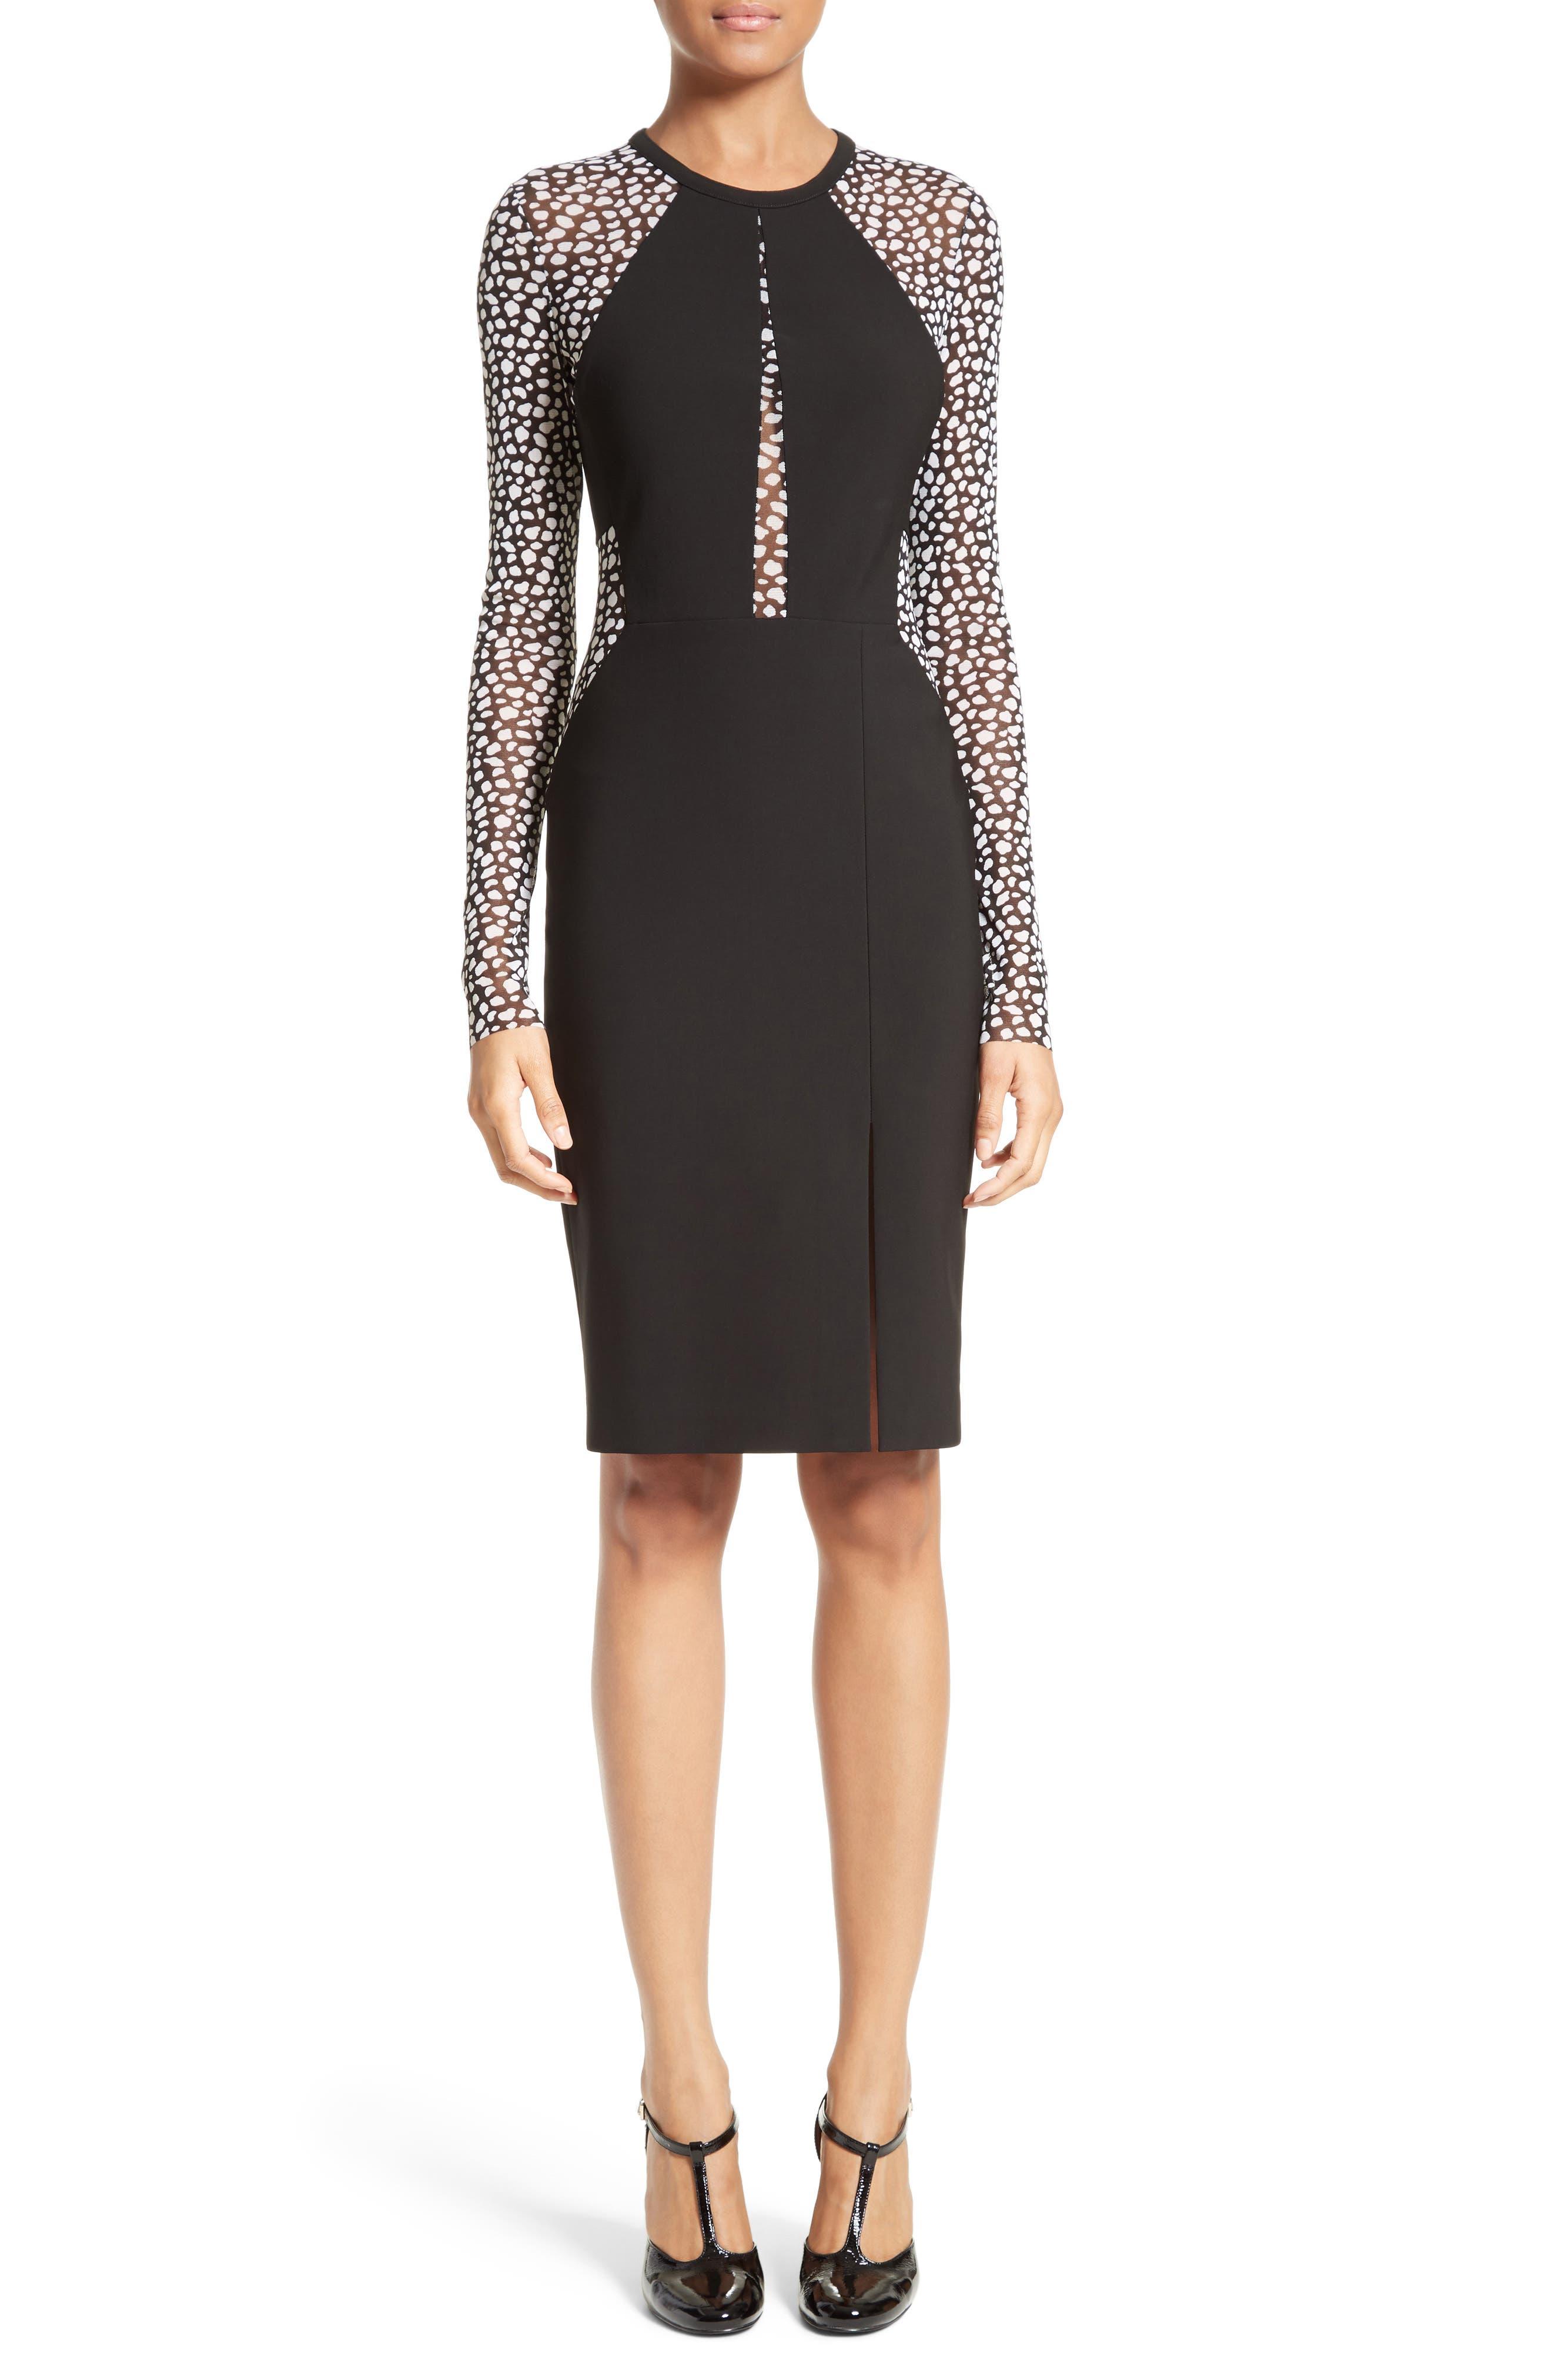 Yigal Azrouël Leopard Mesh Inset Dress